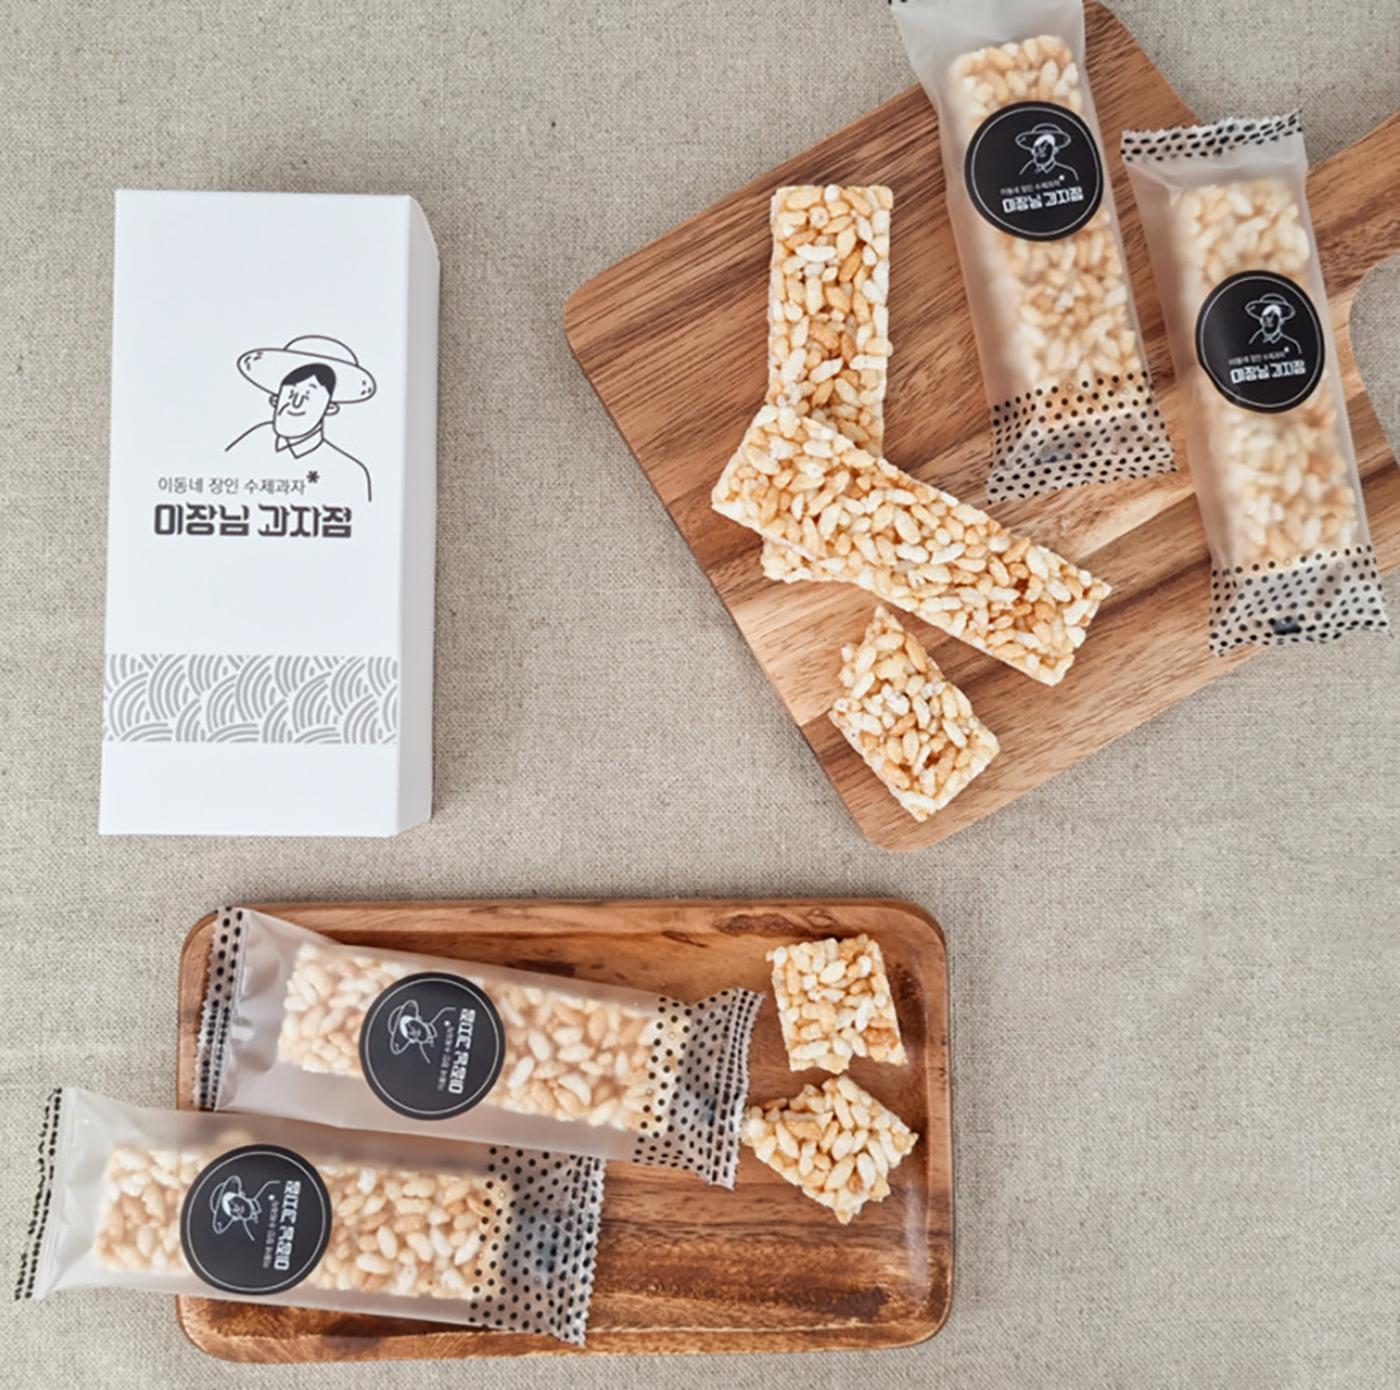 전통 쌀강정 황쌀바 영양바 세트 (5입) 상세이미지2